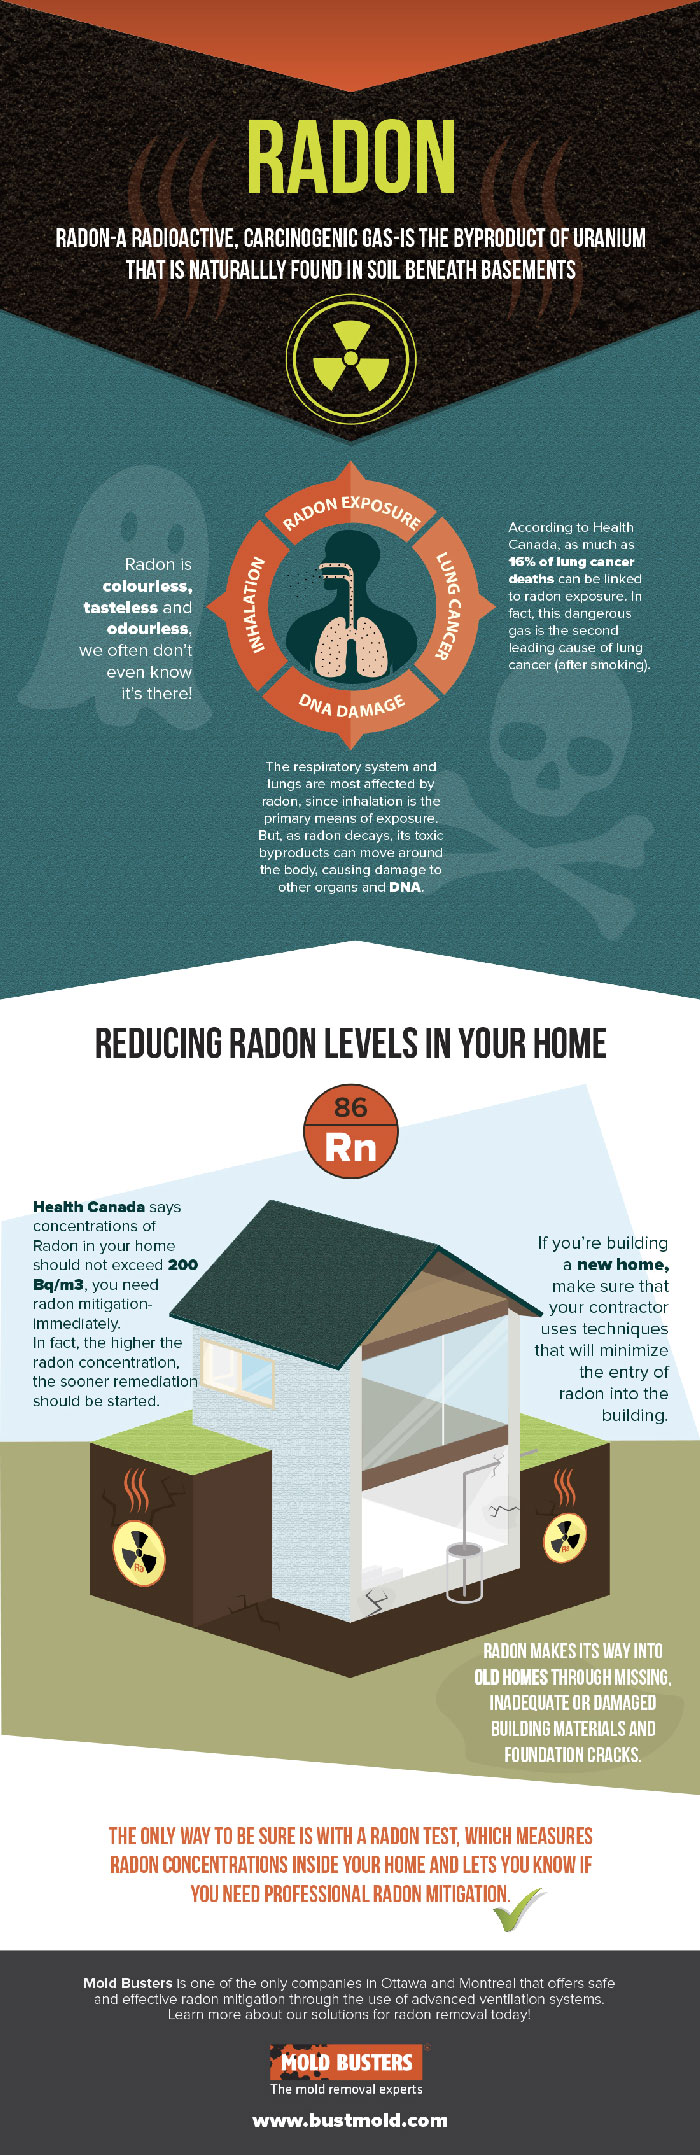 infographic_radon